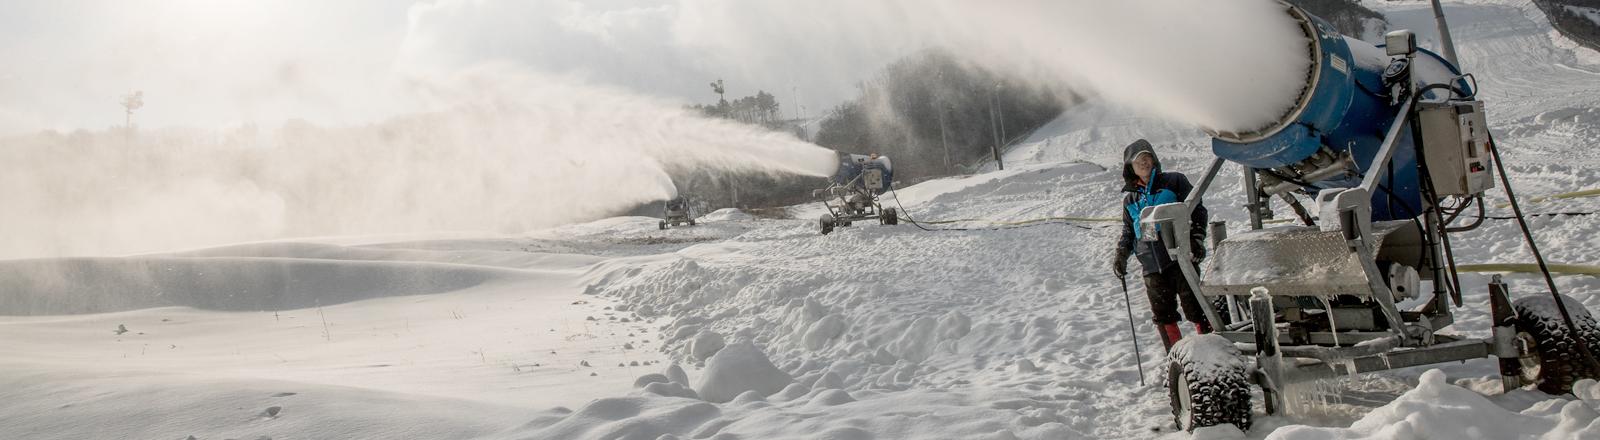 Schnee aus Kanonen